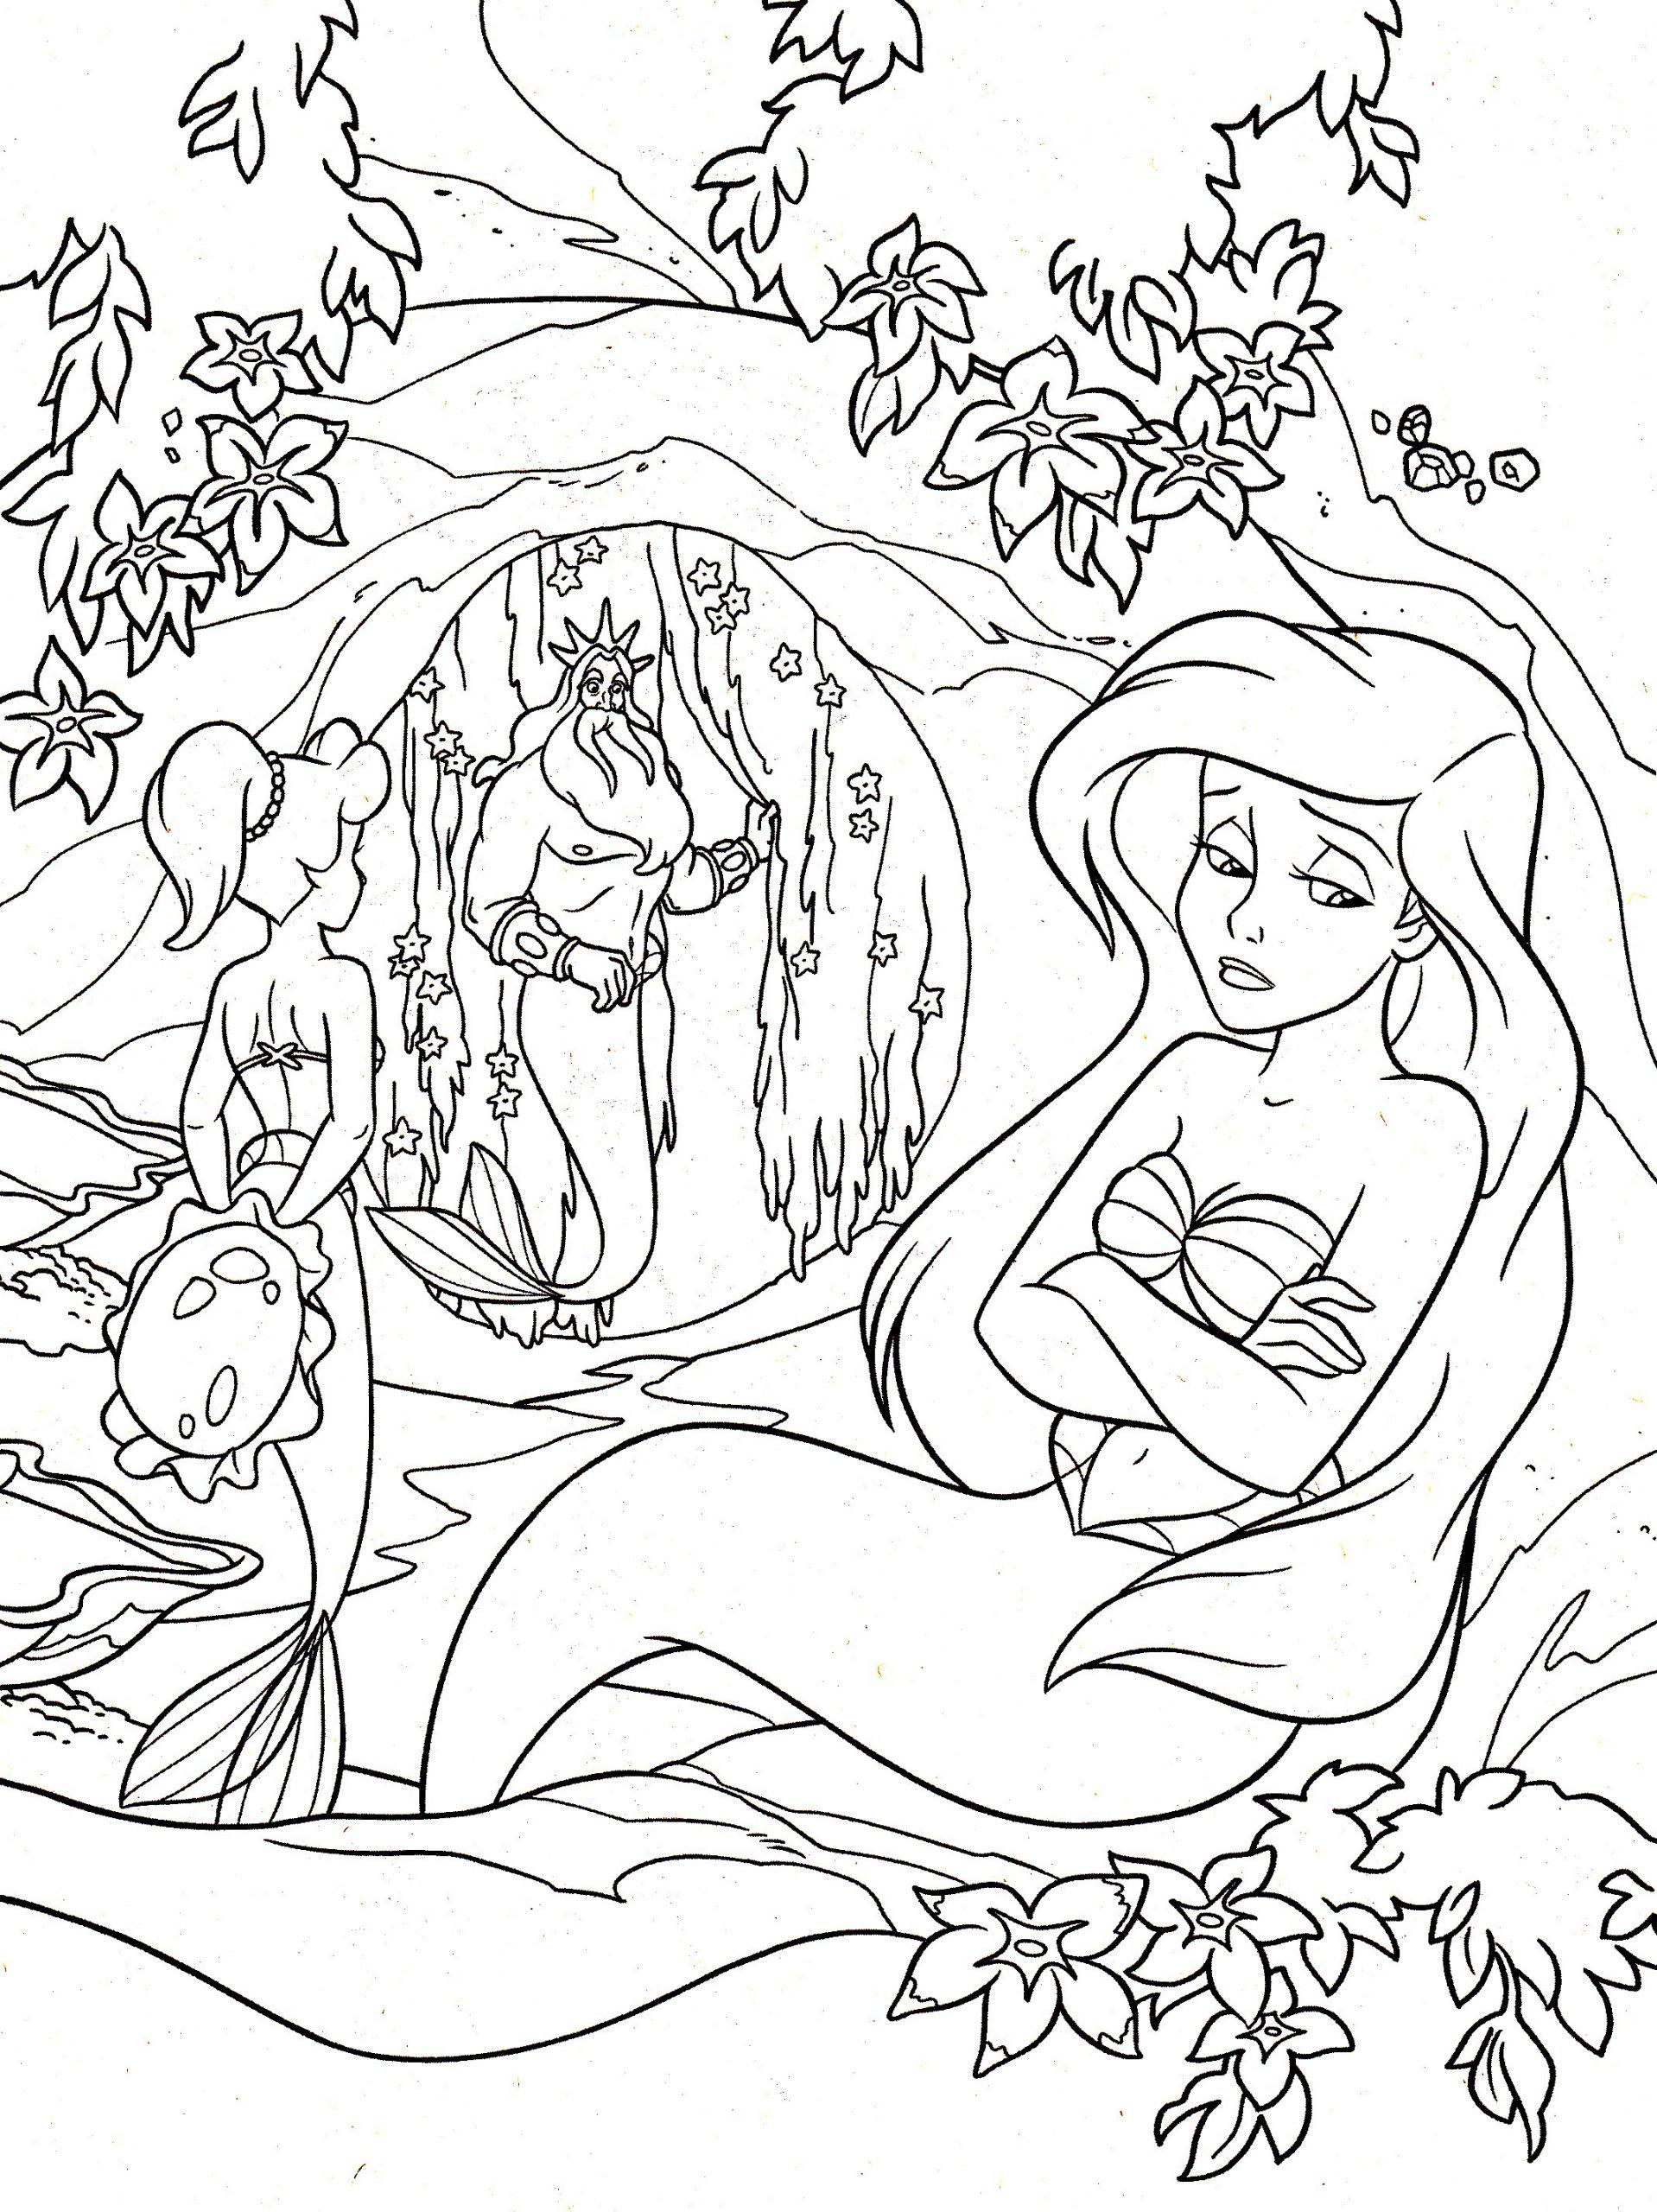 Ariel La Petite Sirene - Retour En Enfance - Coloriages concernant La Petite Sirène À Colorier